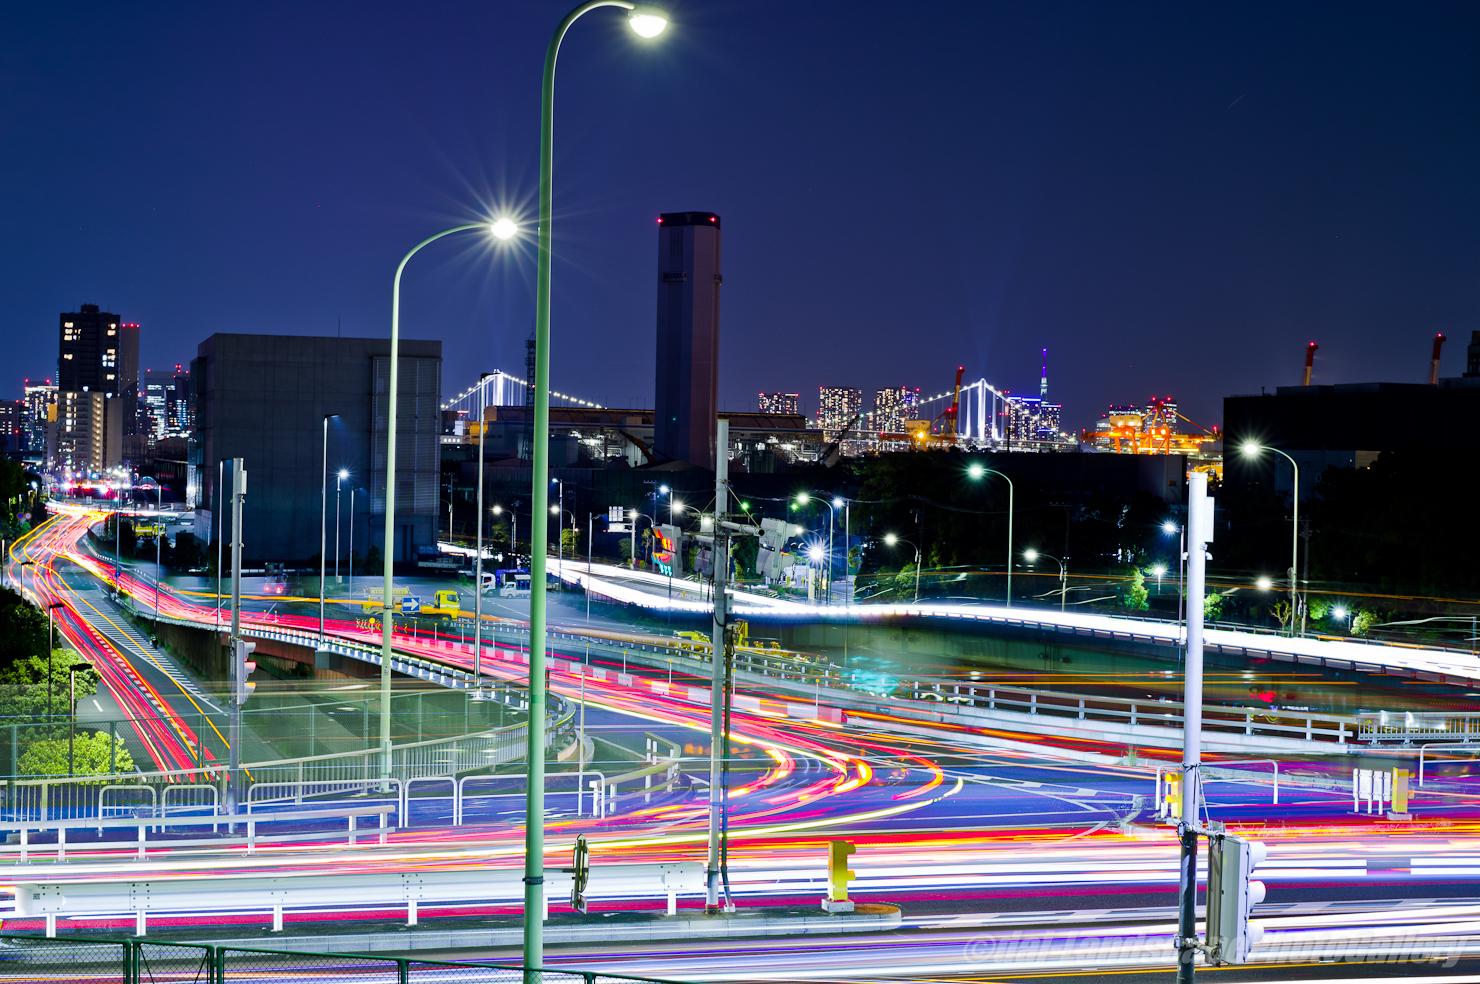 大井埠頭北部陸橋交差点夜景